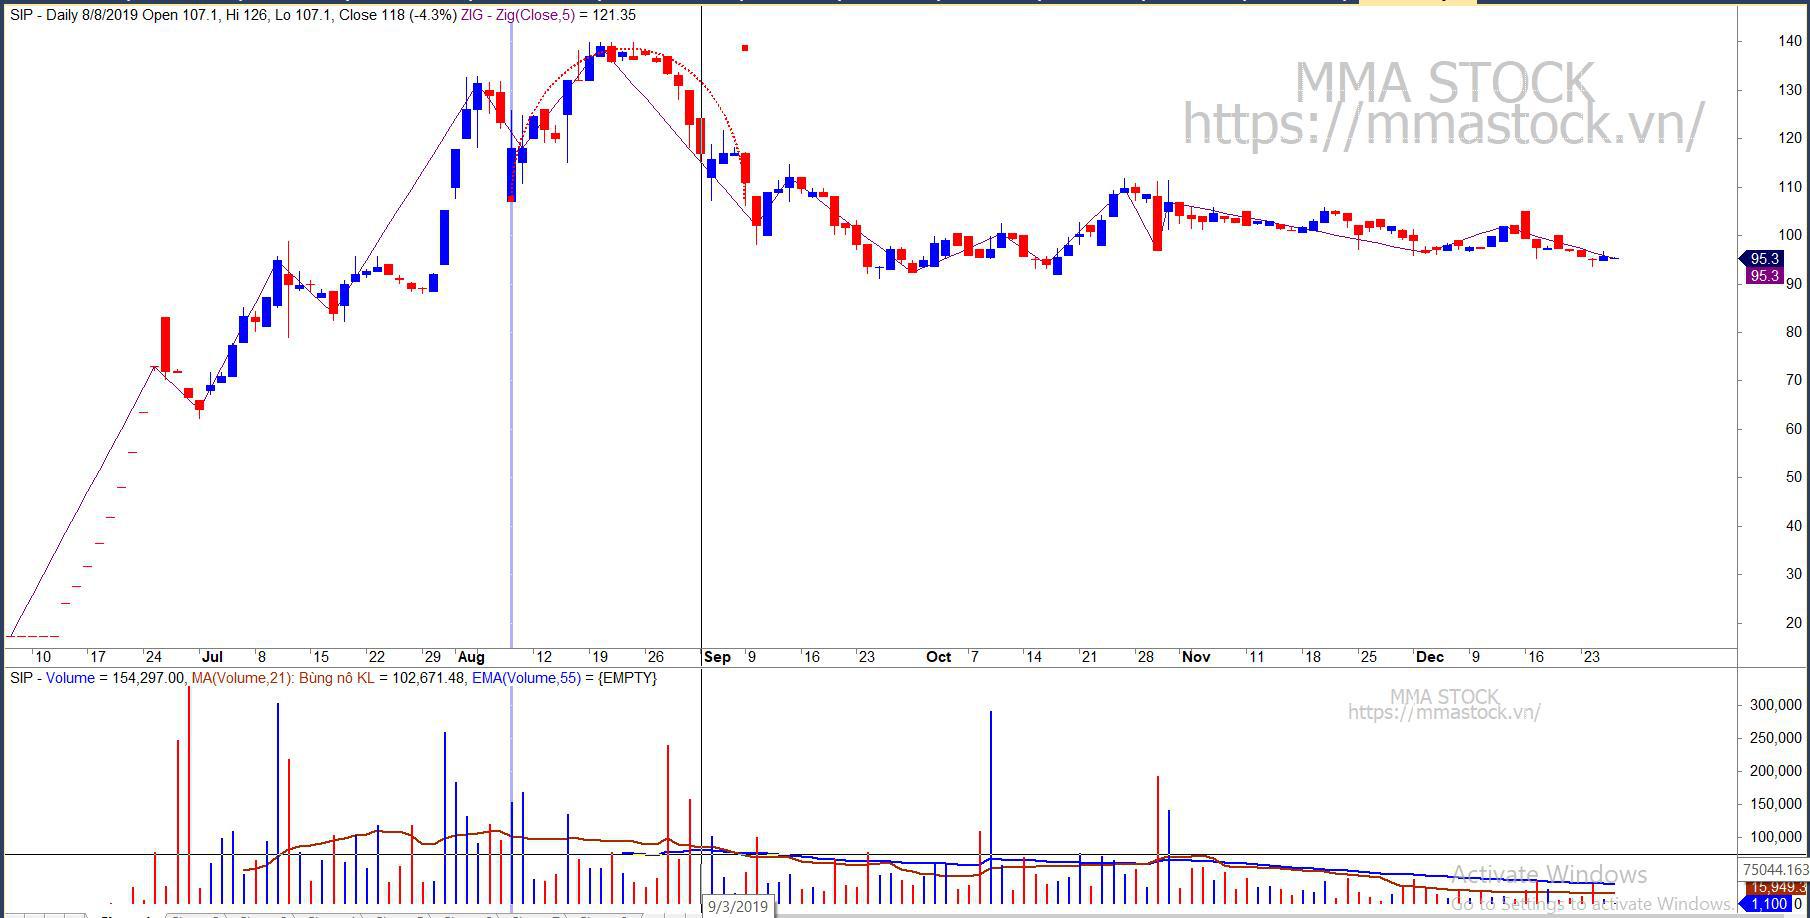 Nhà đầu tư cần biết: Thị trường chứng khoán và cổ phiếu gửi đi thông điệp gì từ nến và khối lượng? - Ảnh 7.